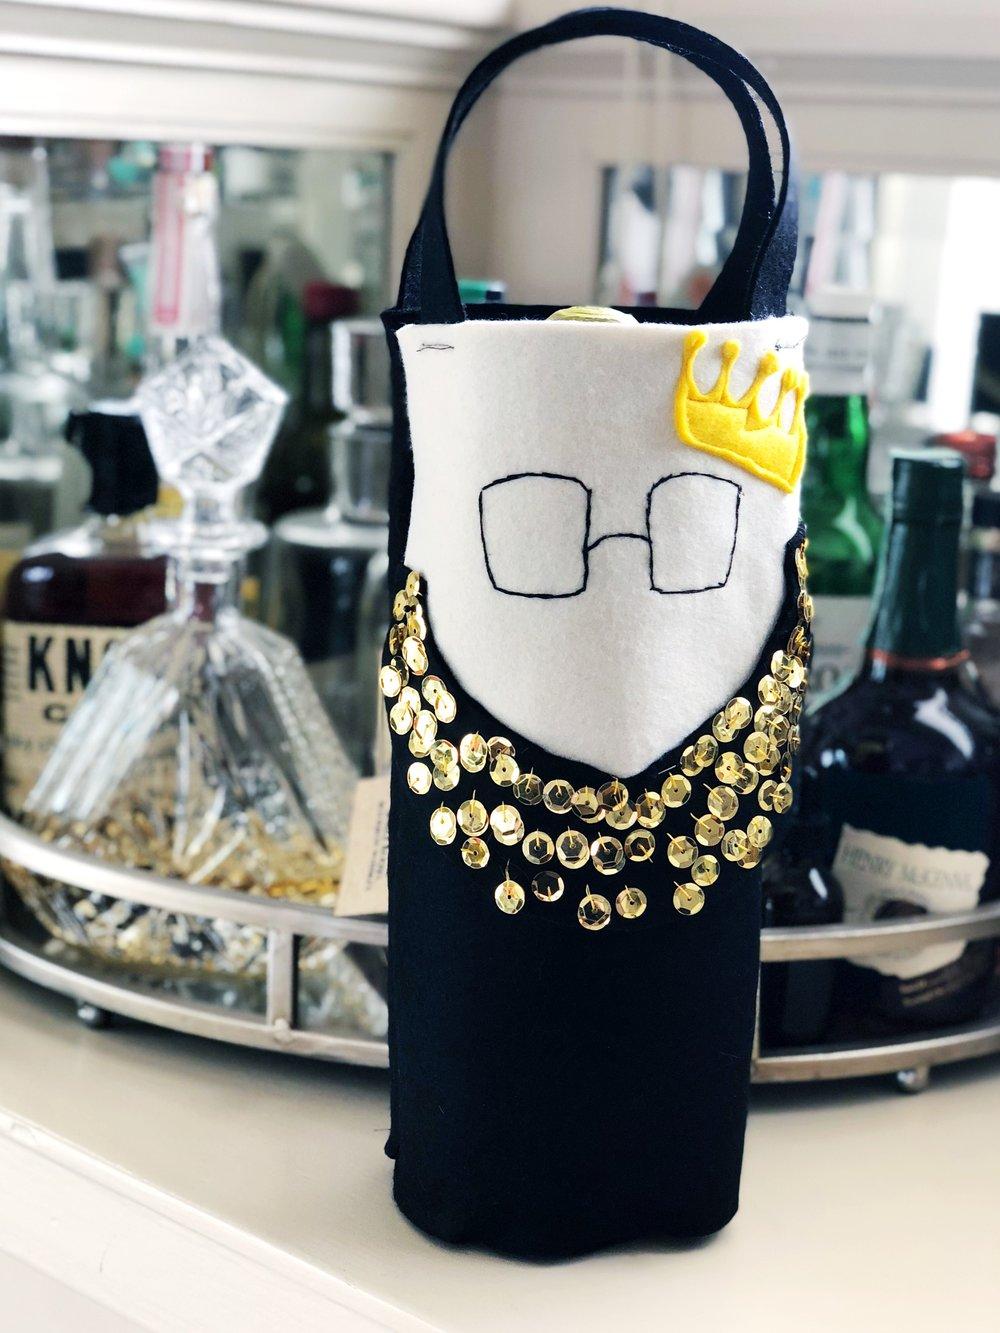 Ruth Bader Ginsburg Wine Tote